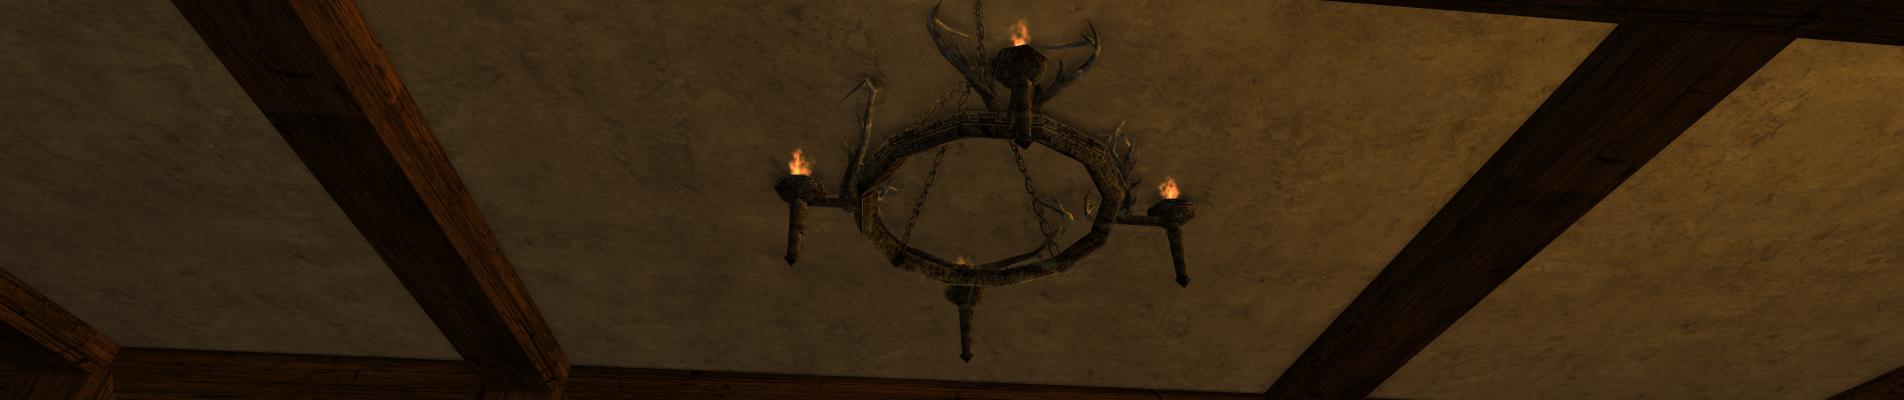 Petit chandelier en ramures des Rohirrim